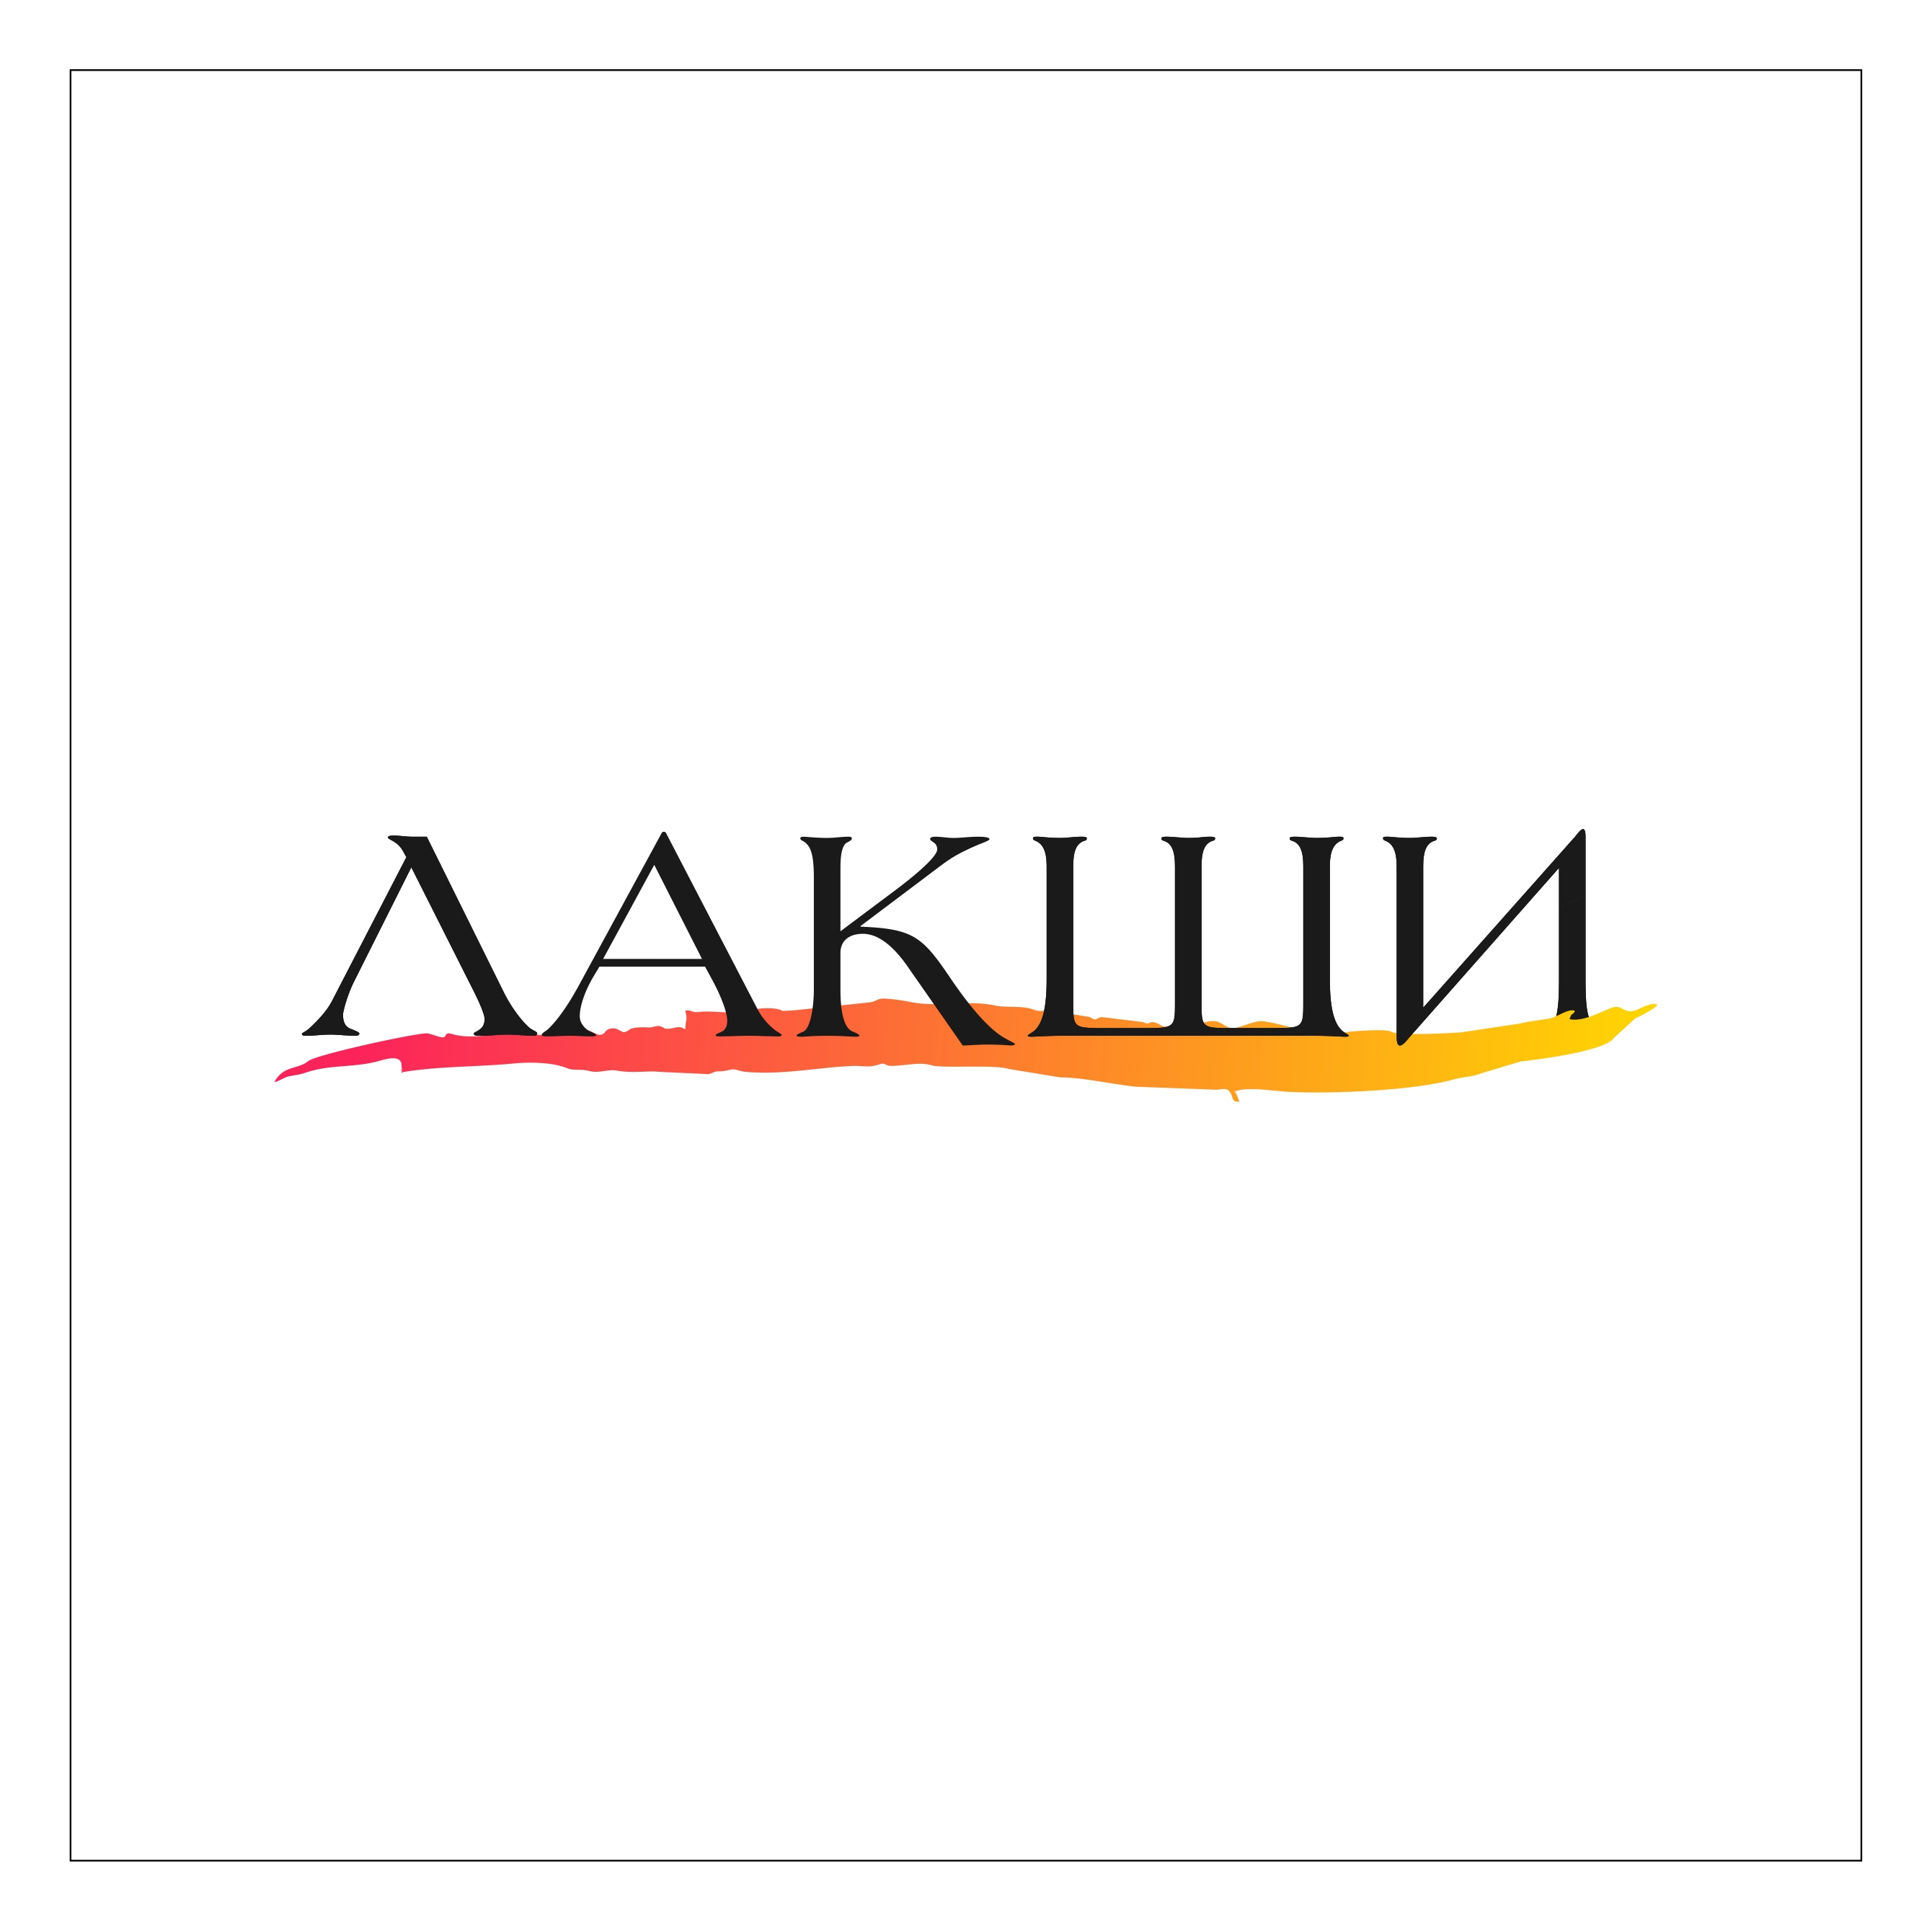 Разработка логотипа фирменного стиля фото f_9025c5604abc1dfe.jpg